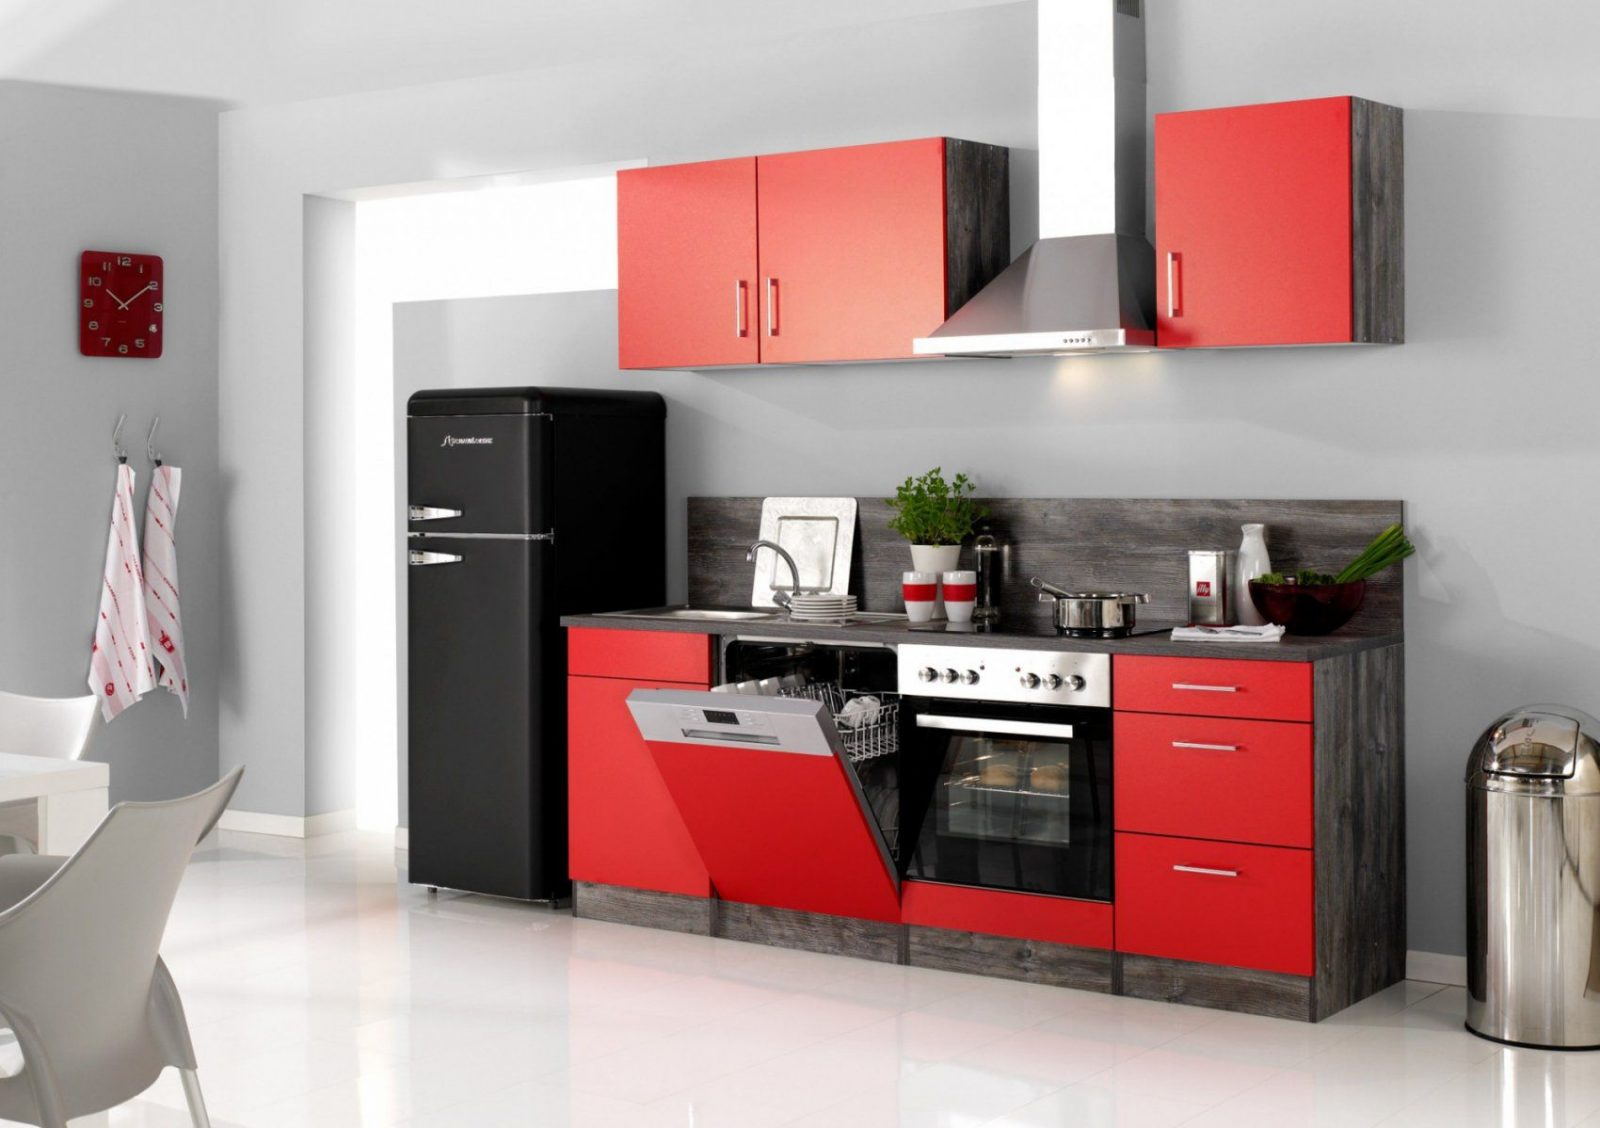 Küchenzeile Sevilla  Küche Mit Egeräten  Breite 280 Cm 14Teilig von Küchenzeile 280 Cm Mit Elektrogeräten Günstig Photo